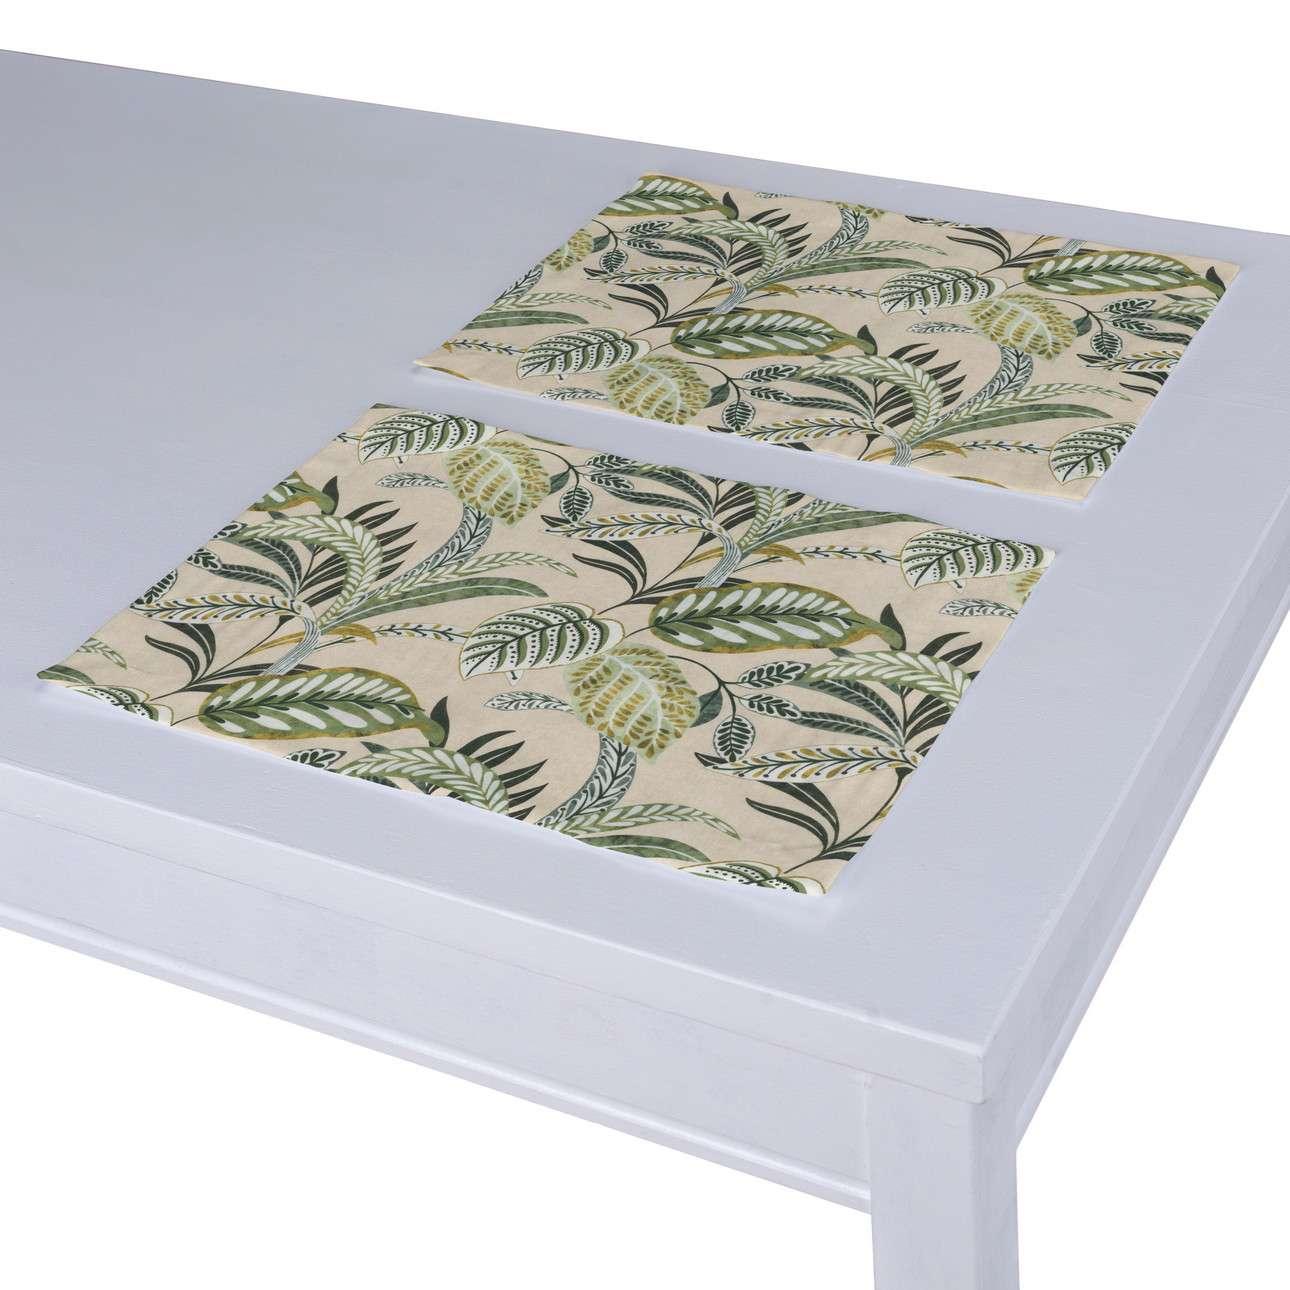 Podkładka 2 sztuki w kolekcji Tropical Island, tkanina: 142-96